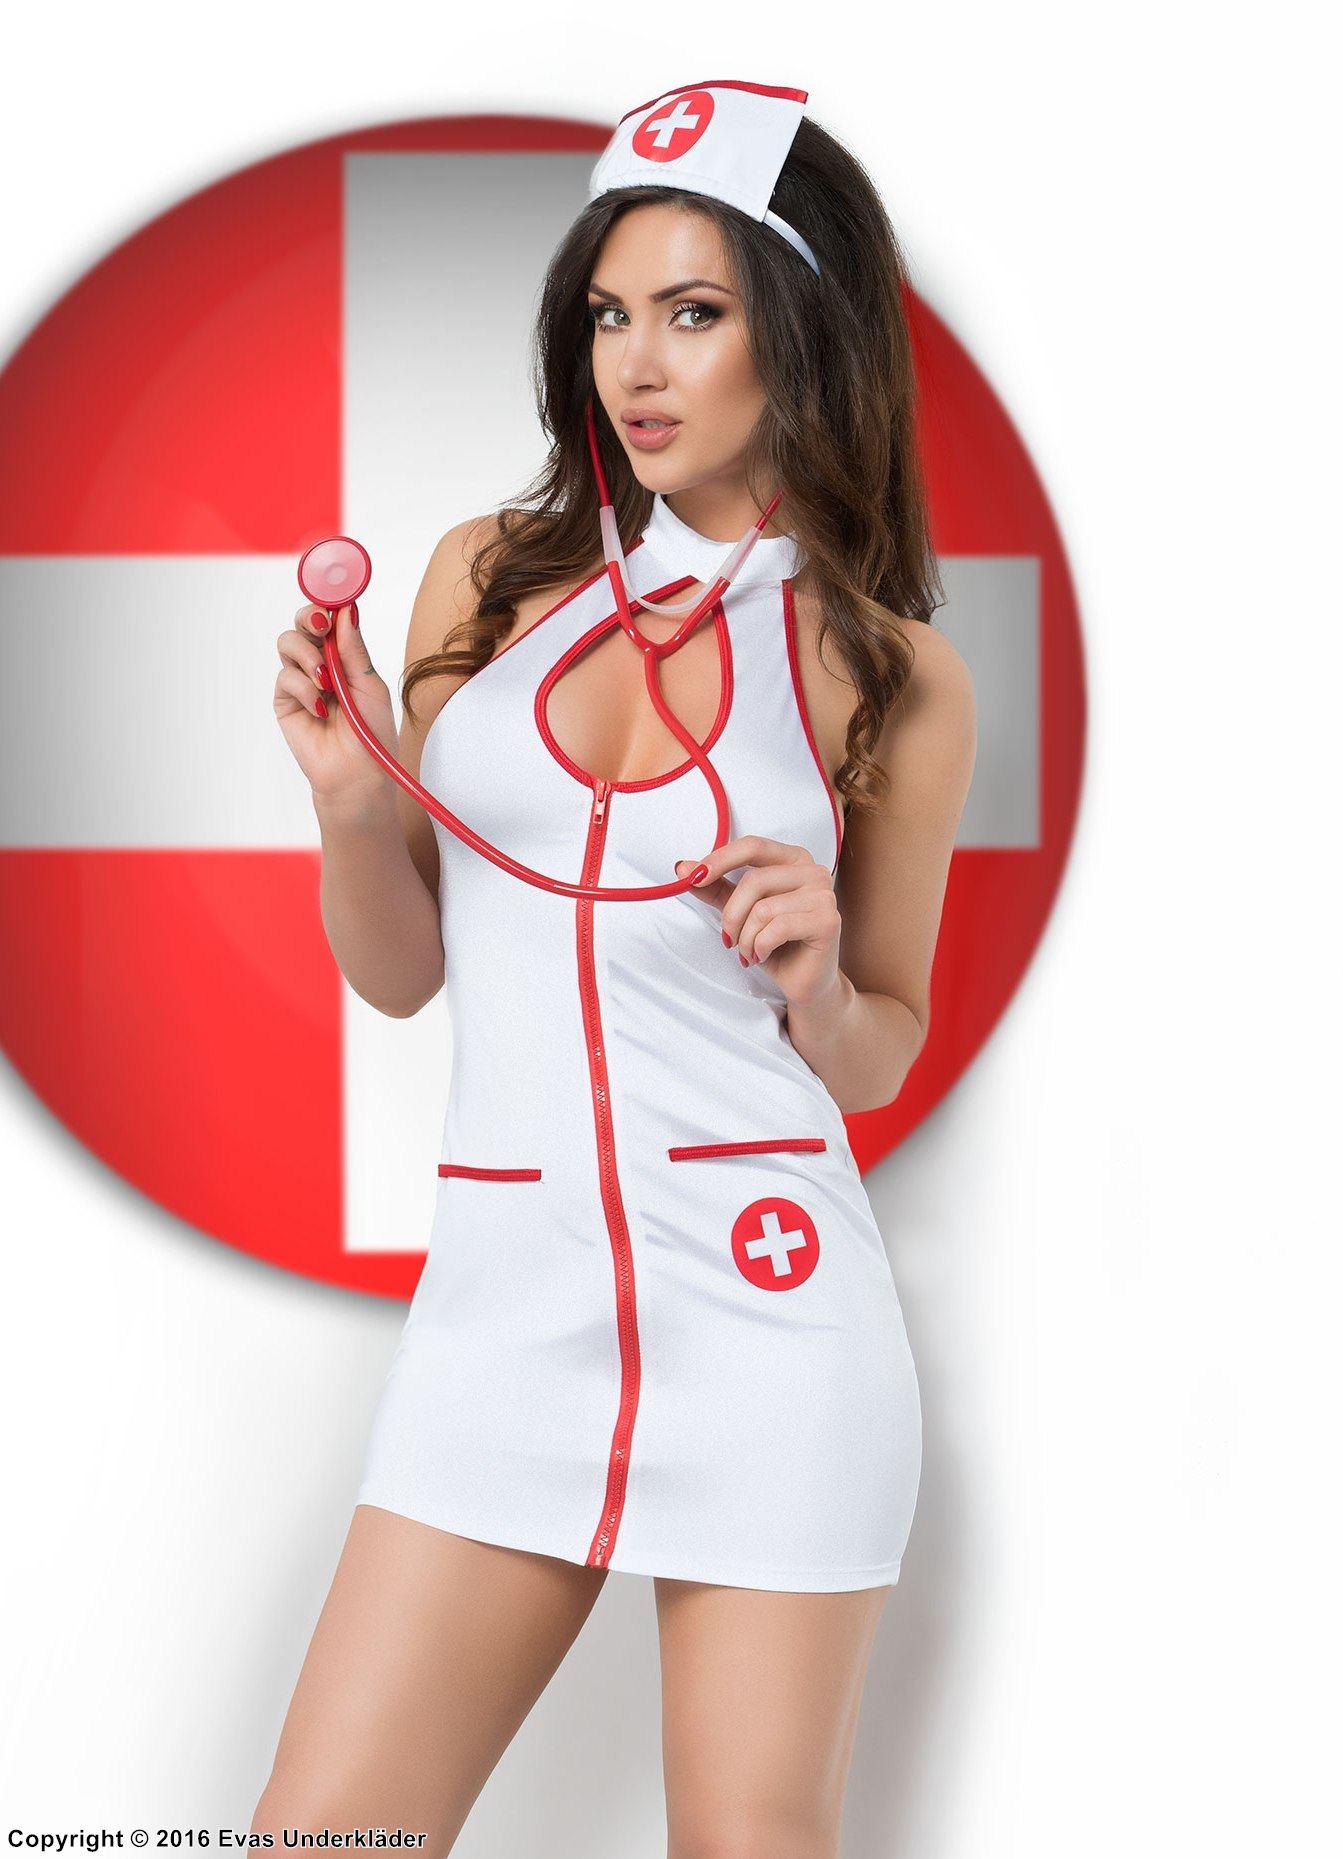 Женщина с огромными дойками позирует в костюме медсестры  345490